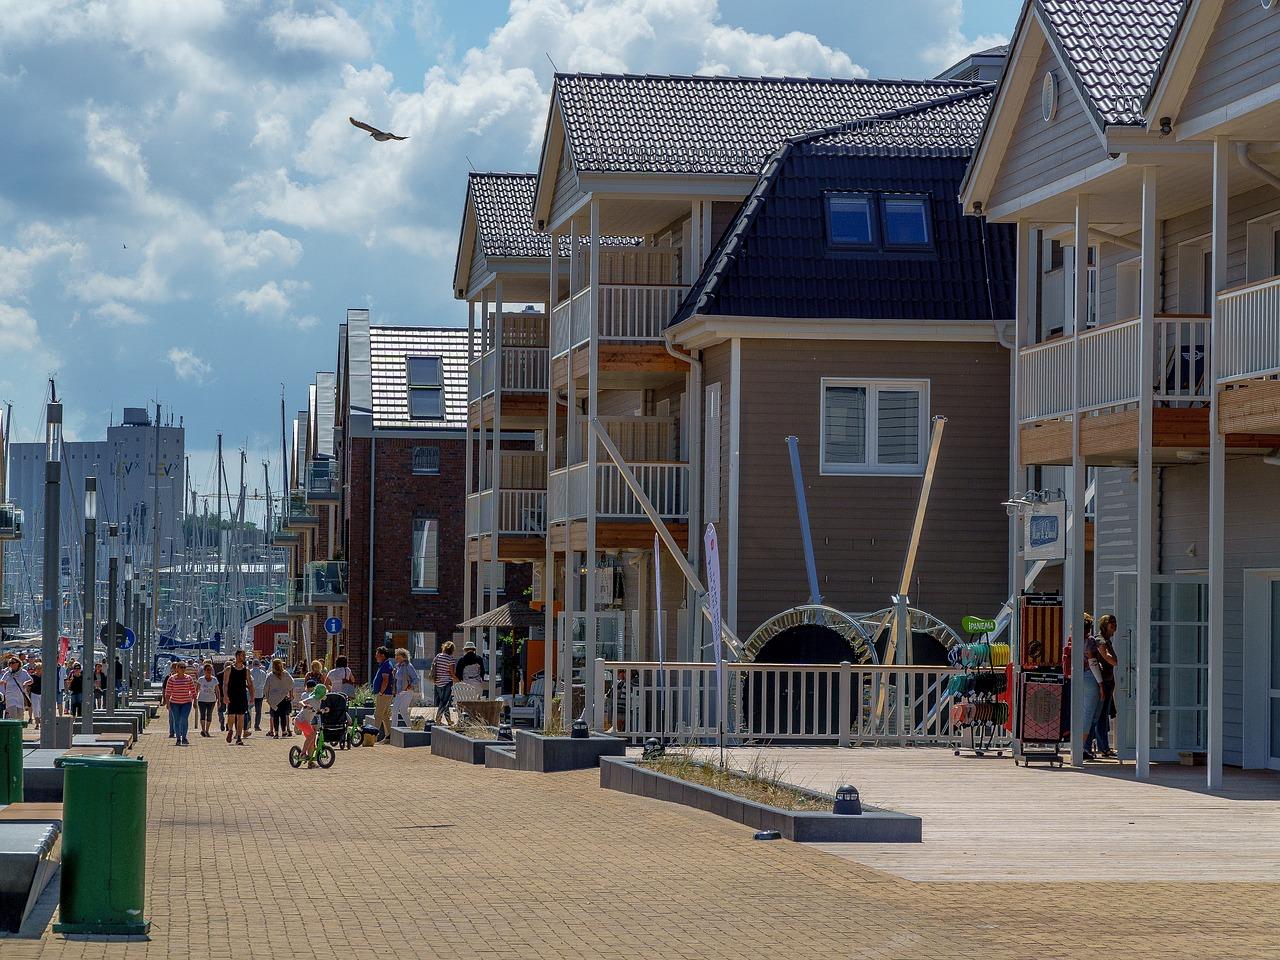 heiligenhafen-2490916_1280